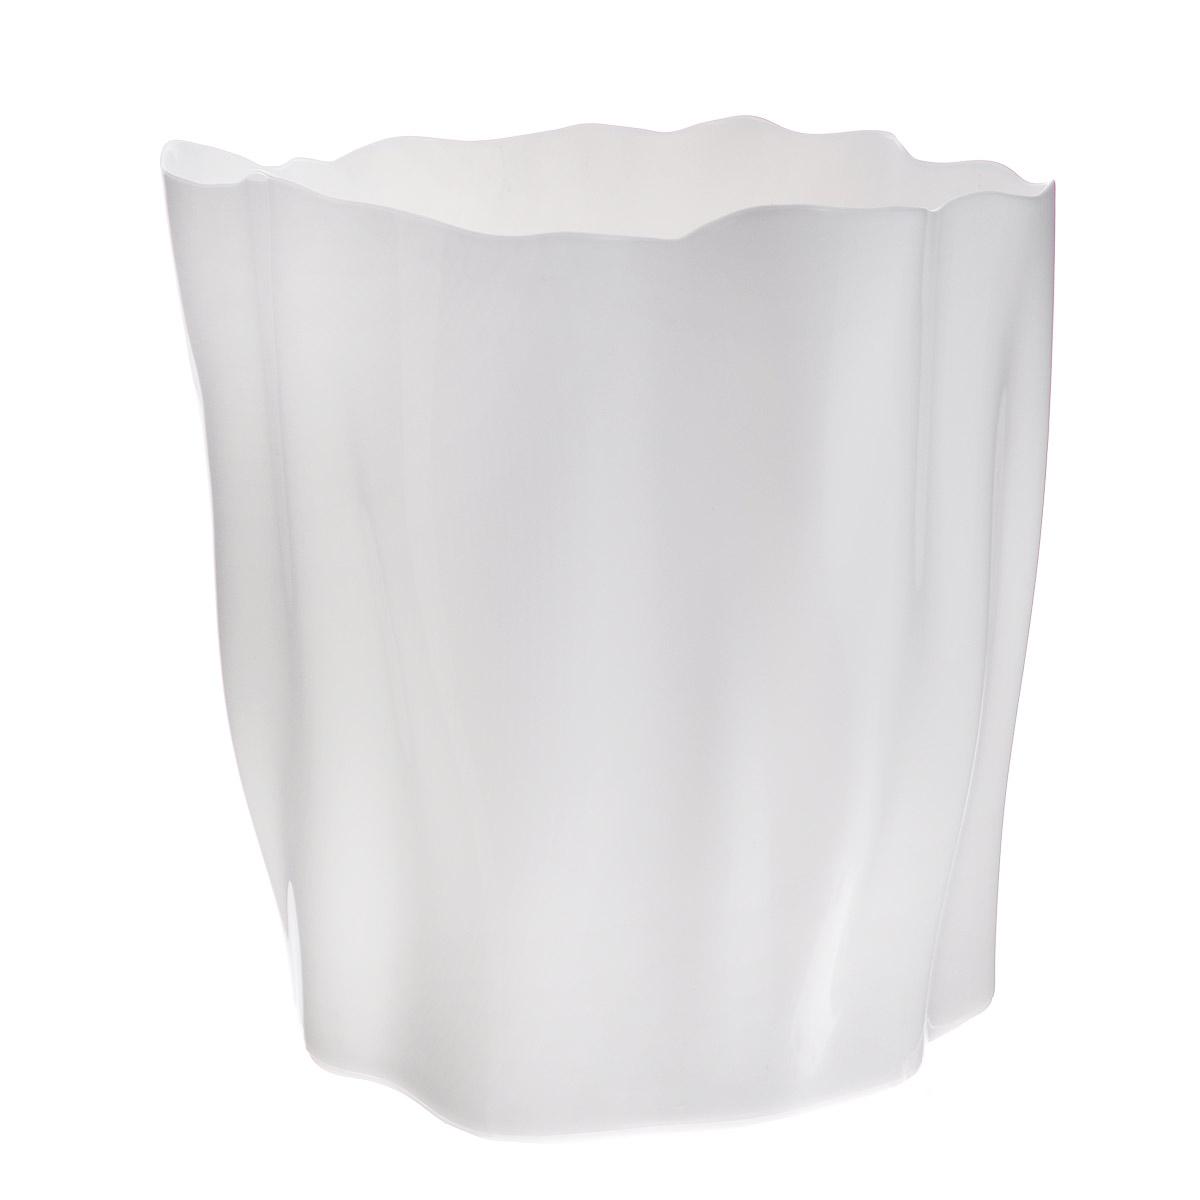 """Органайзер Qualy Flow, большой, цвет: белый, диаметр 27 смQL10141-WHОрганайзер Qualy """"Flow"""" может пригодиться на кухне, в ванной, в гостиной, на даче, на природе, в городе, в деревне. В него можно складывать фрукты, овощи, хлеб, кухонные приборы и аксессуары, всевозможные баночки, можно использовать органайзер как мусорную корзину, вазу. Все зависит от вашей фантазии и от хозяйственных потребностей! Пластиковый оригинальный органайзер пригодится везде! Диаметр: 27 см. Высота стенки: 28 см."""